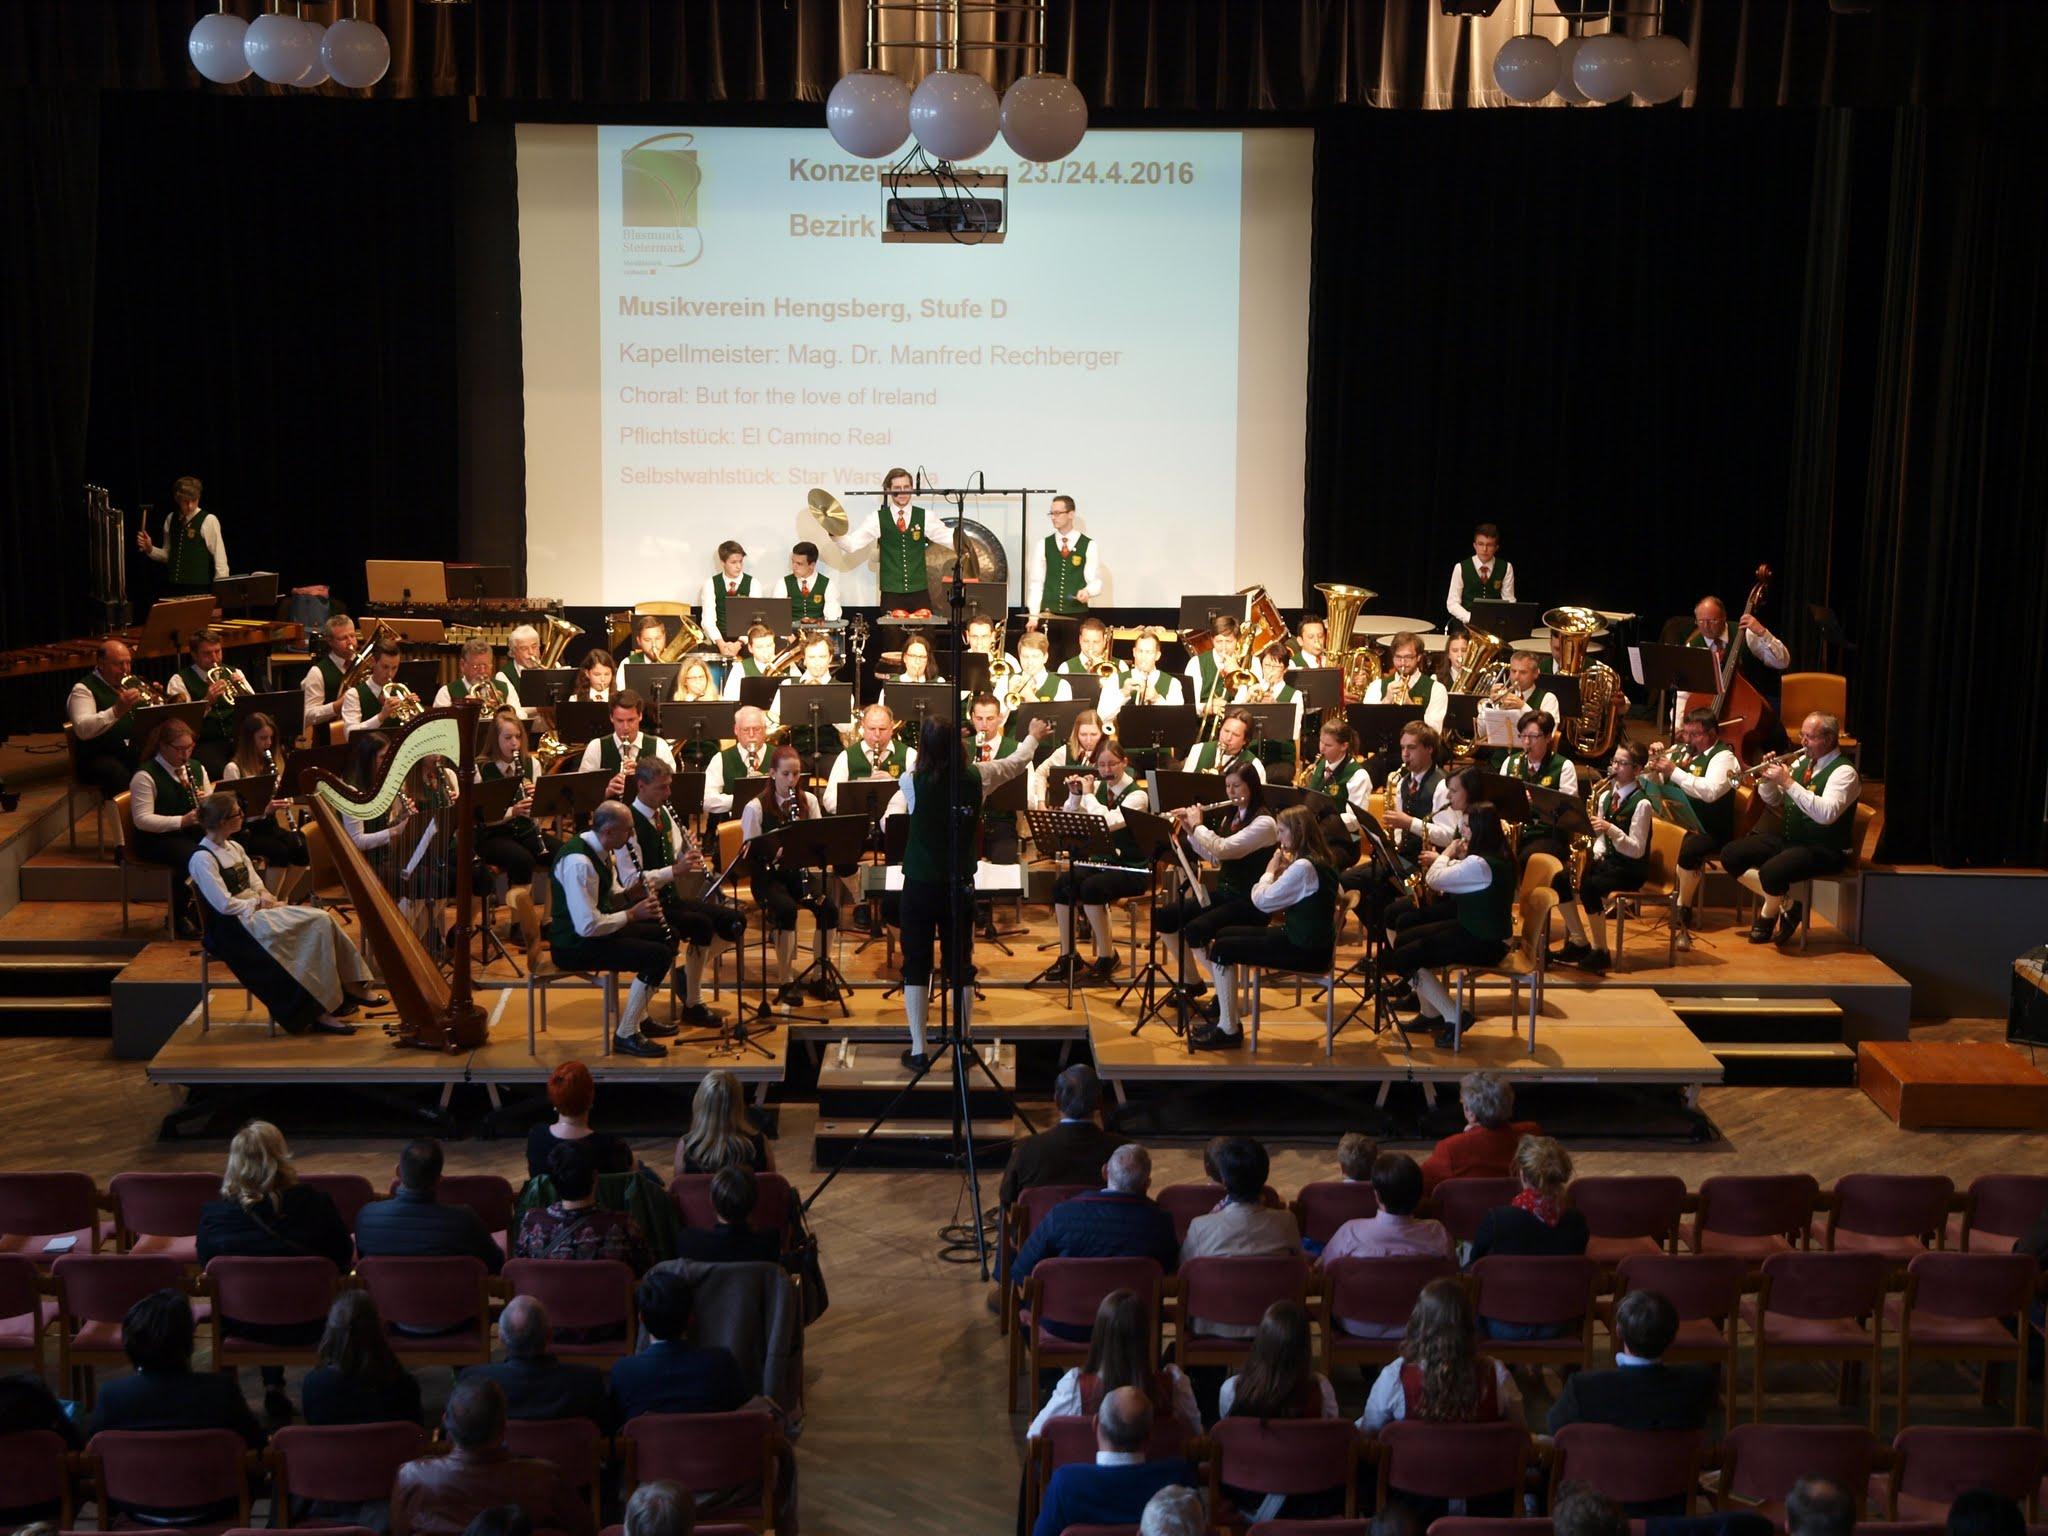 Musikverein Hengsberg Konzertwertung